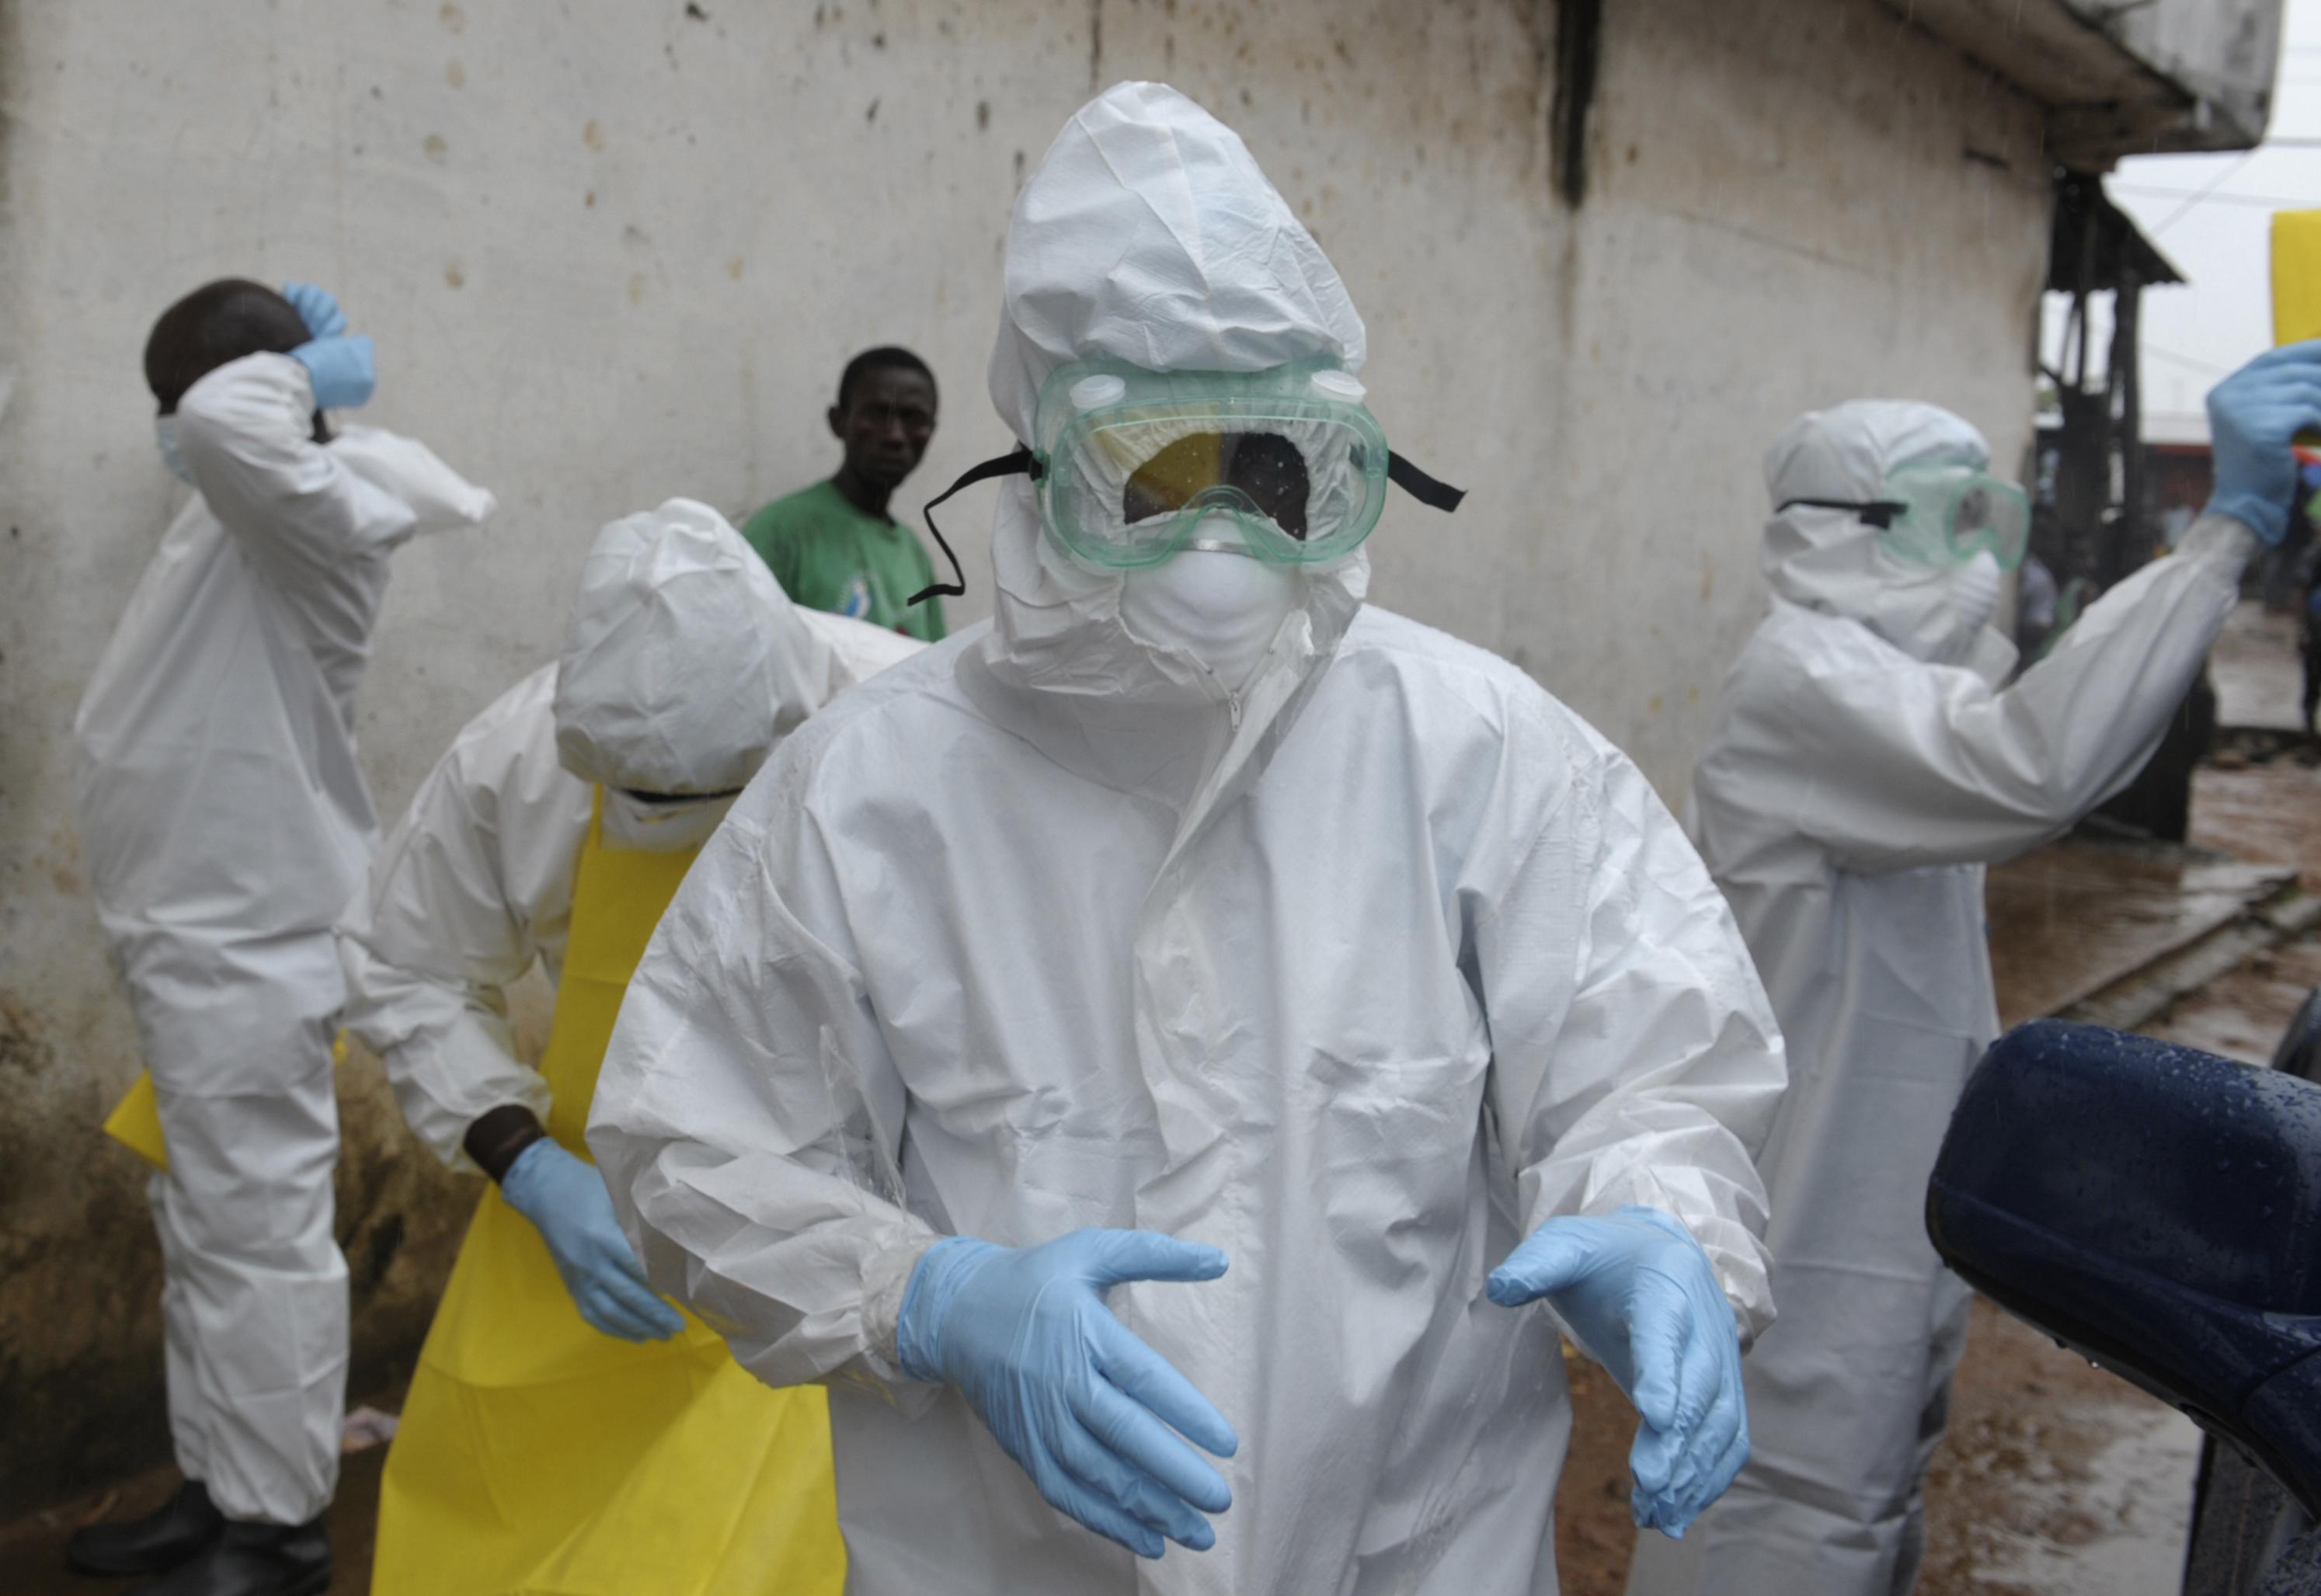 Ebola Outbreak Reaches Senegal, Riots Break Out in Guinea